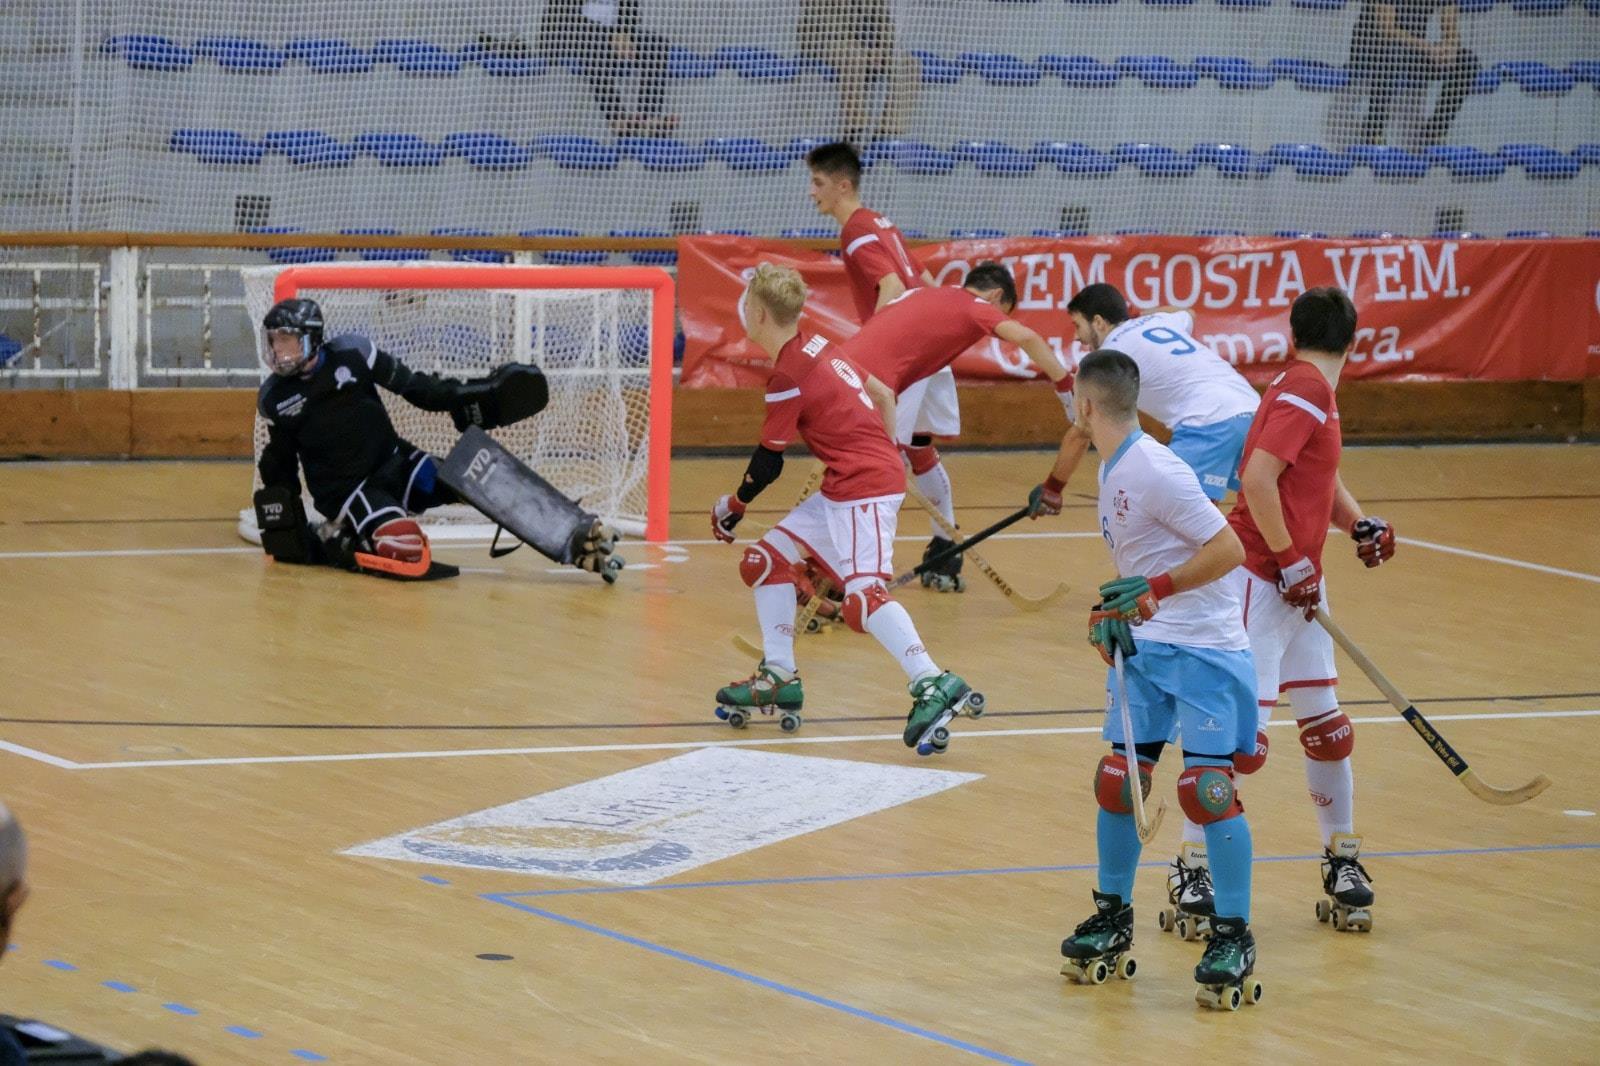 Portugal goleia Inglaterra e lidera Europeu sub-20 de hóquei em patins